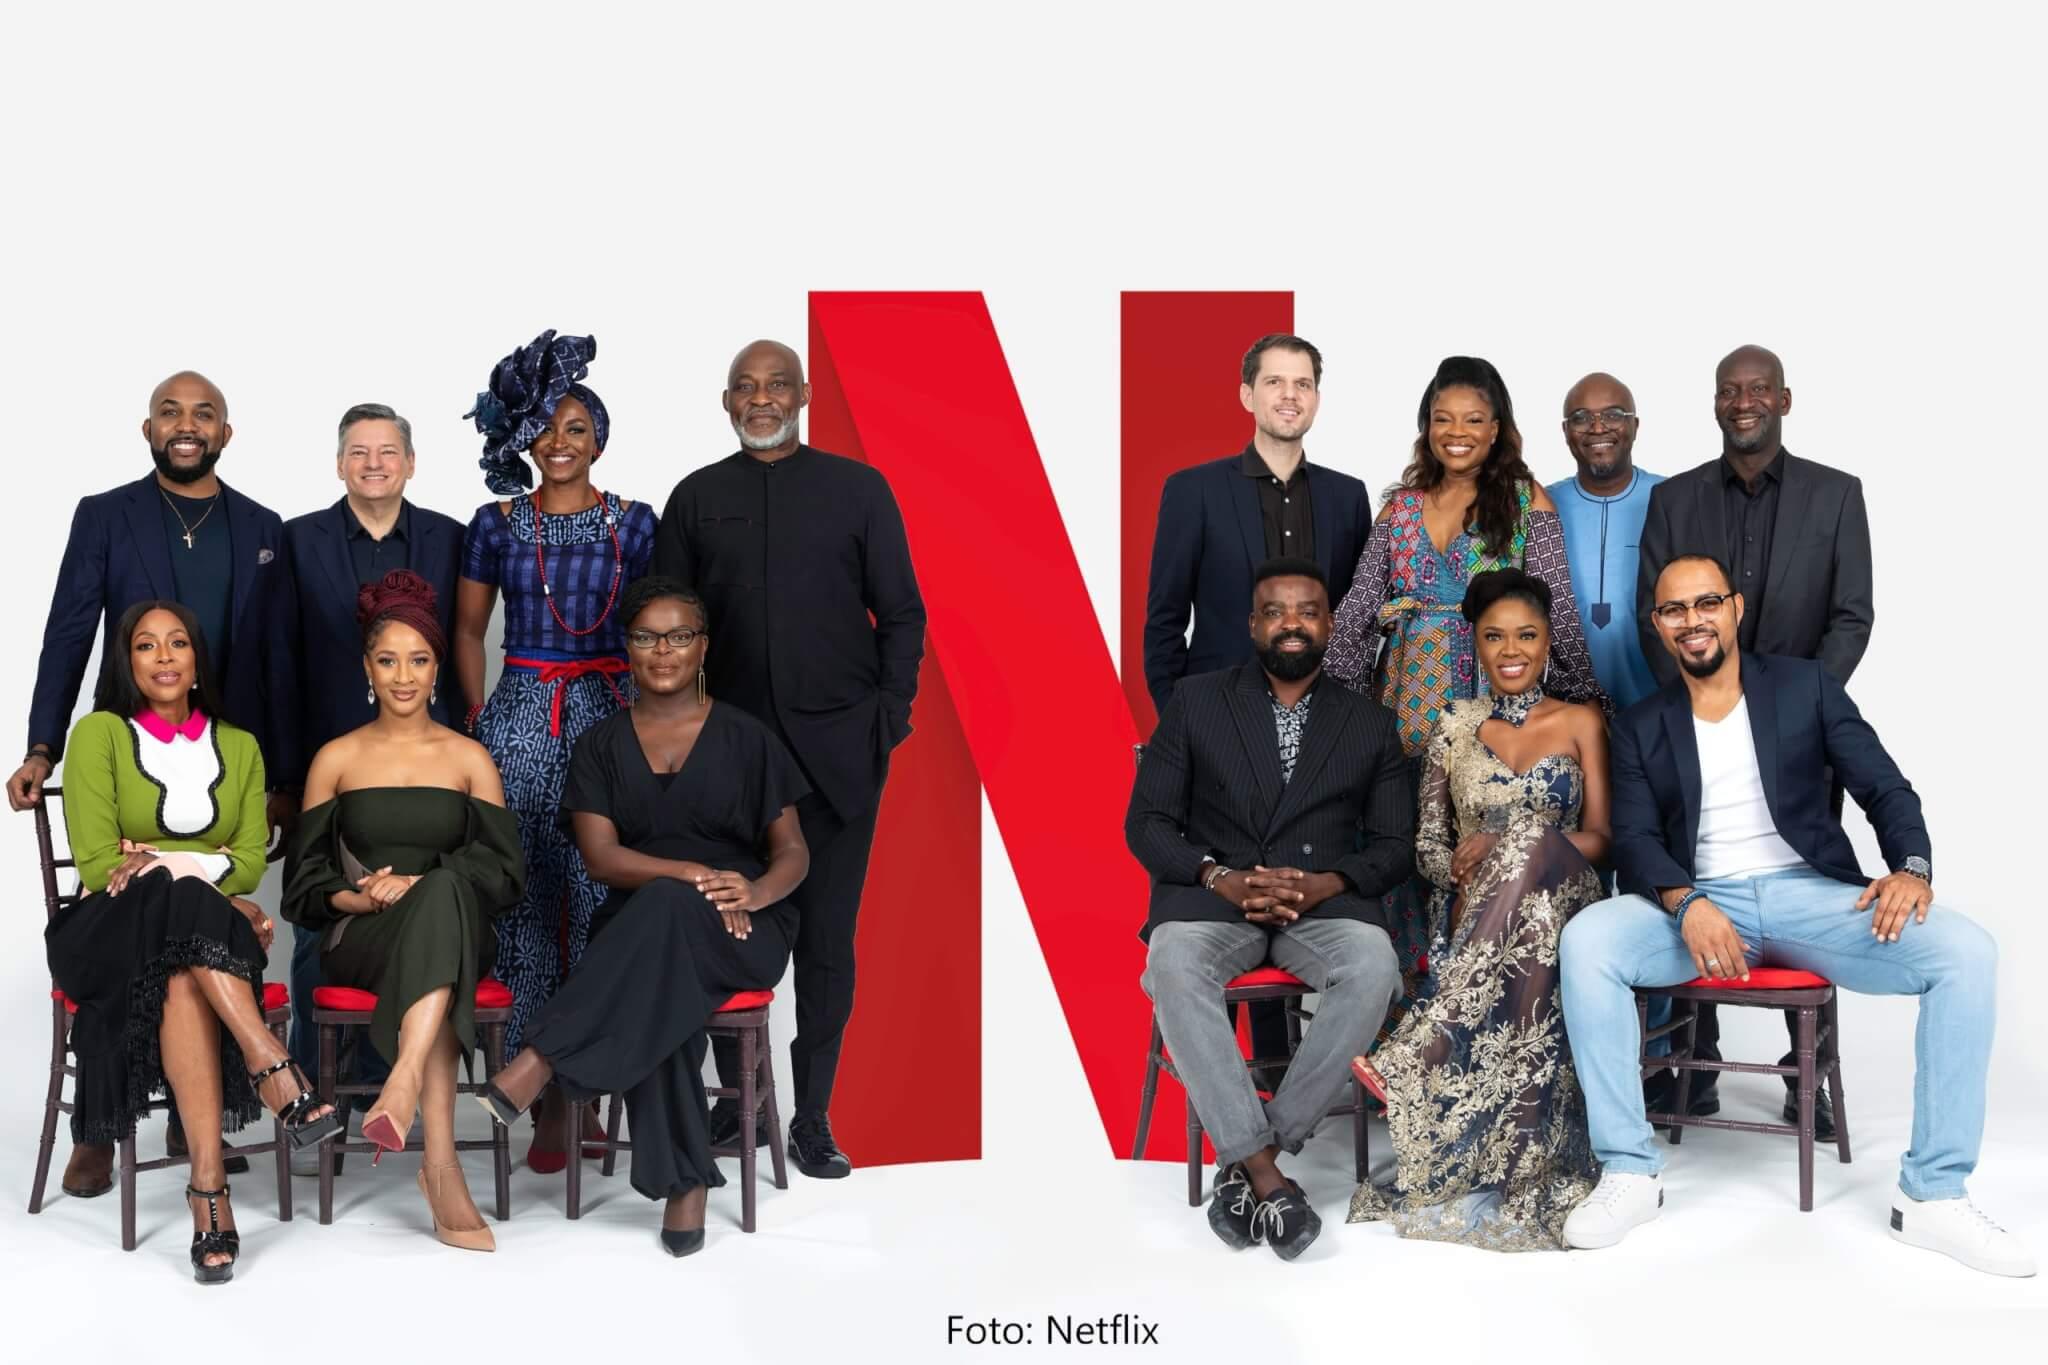 Netflix in Afrika: Wie der Streaming-Dienst Nollywood verändert